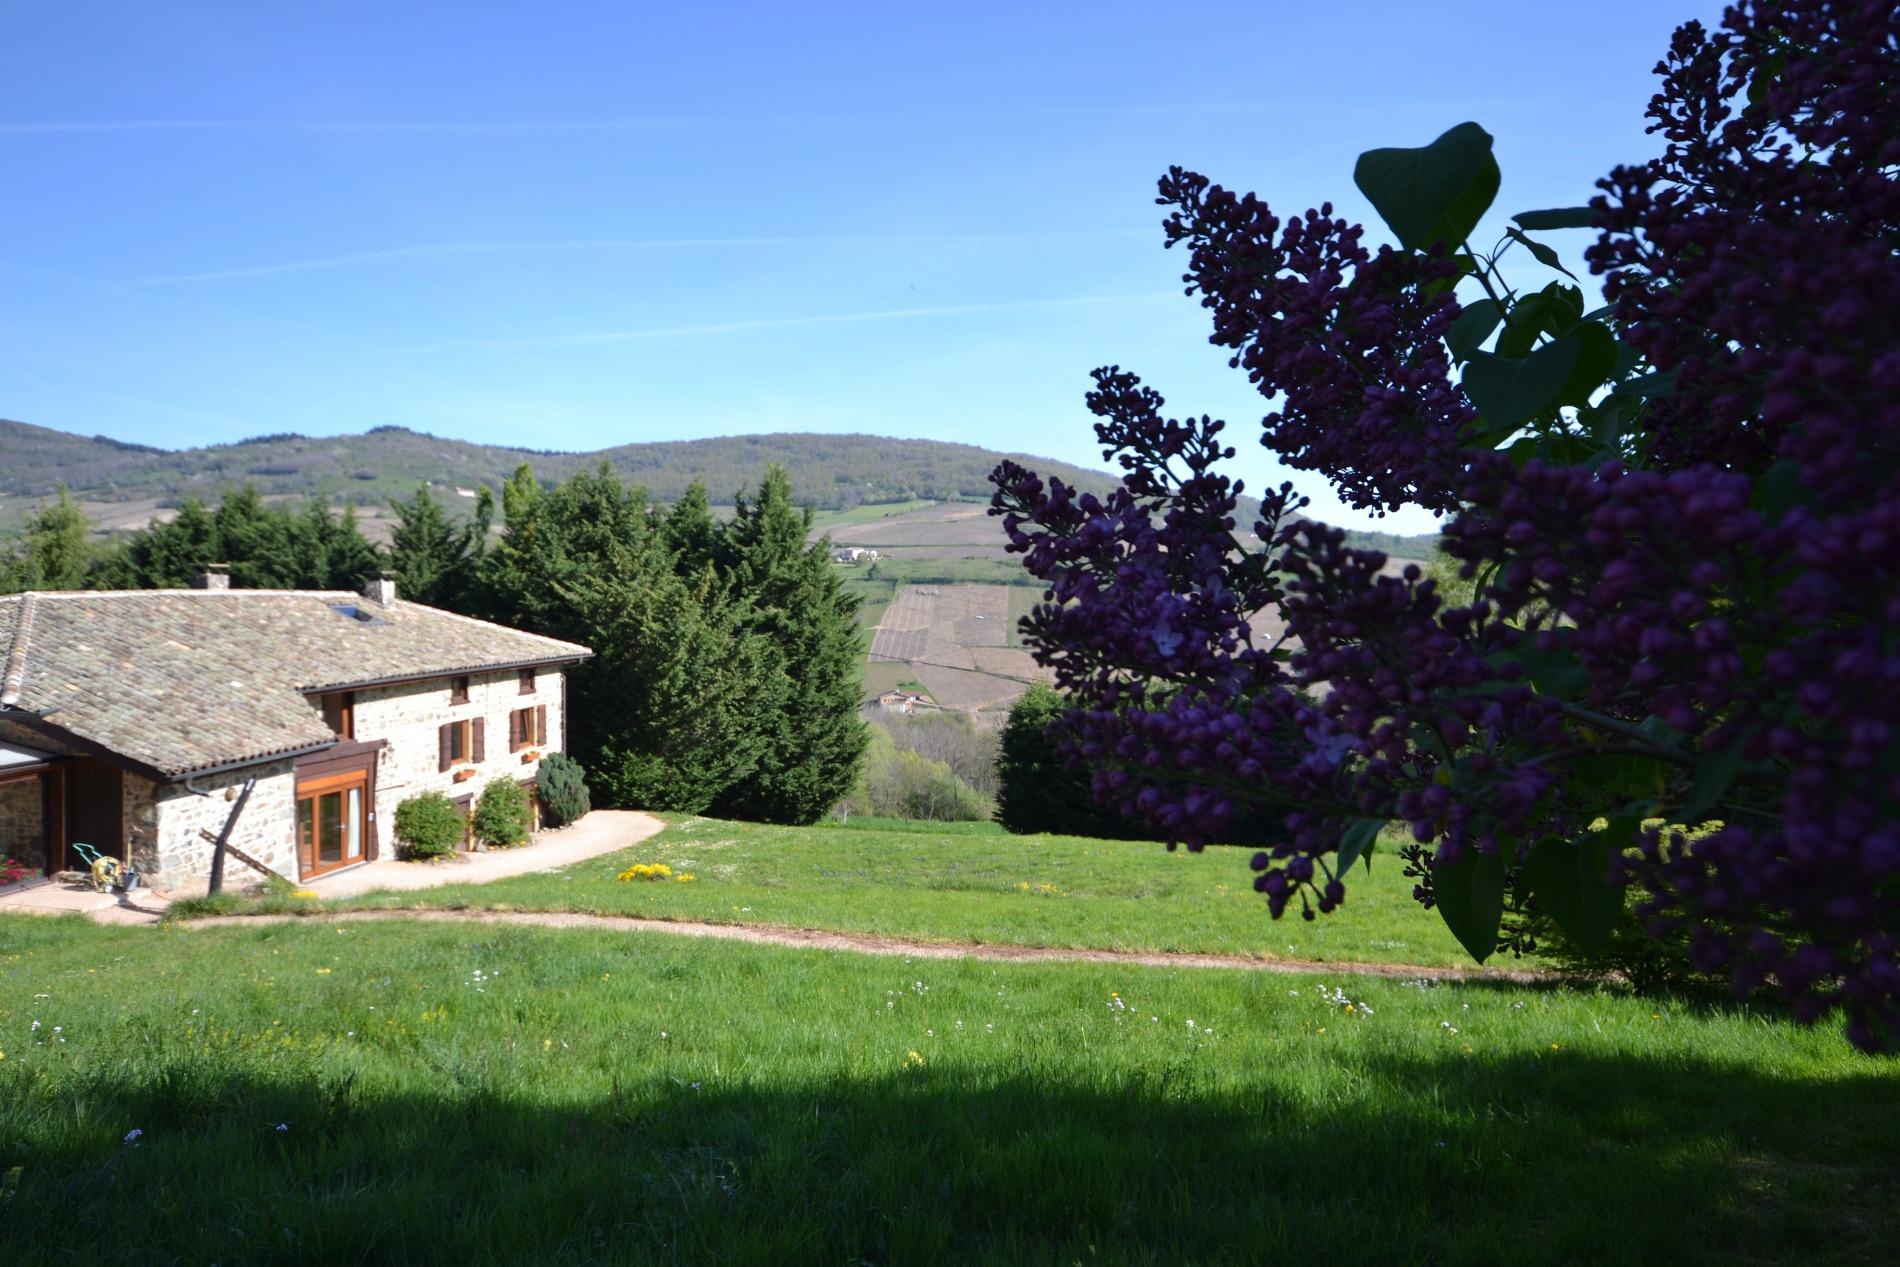 Vente nord lyon beaujolais maison en pierre batiments for Acheter maison beaujolais